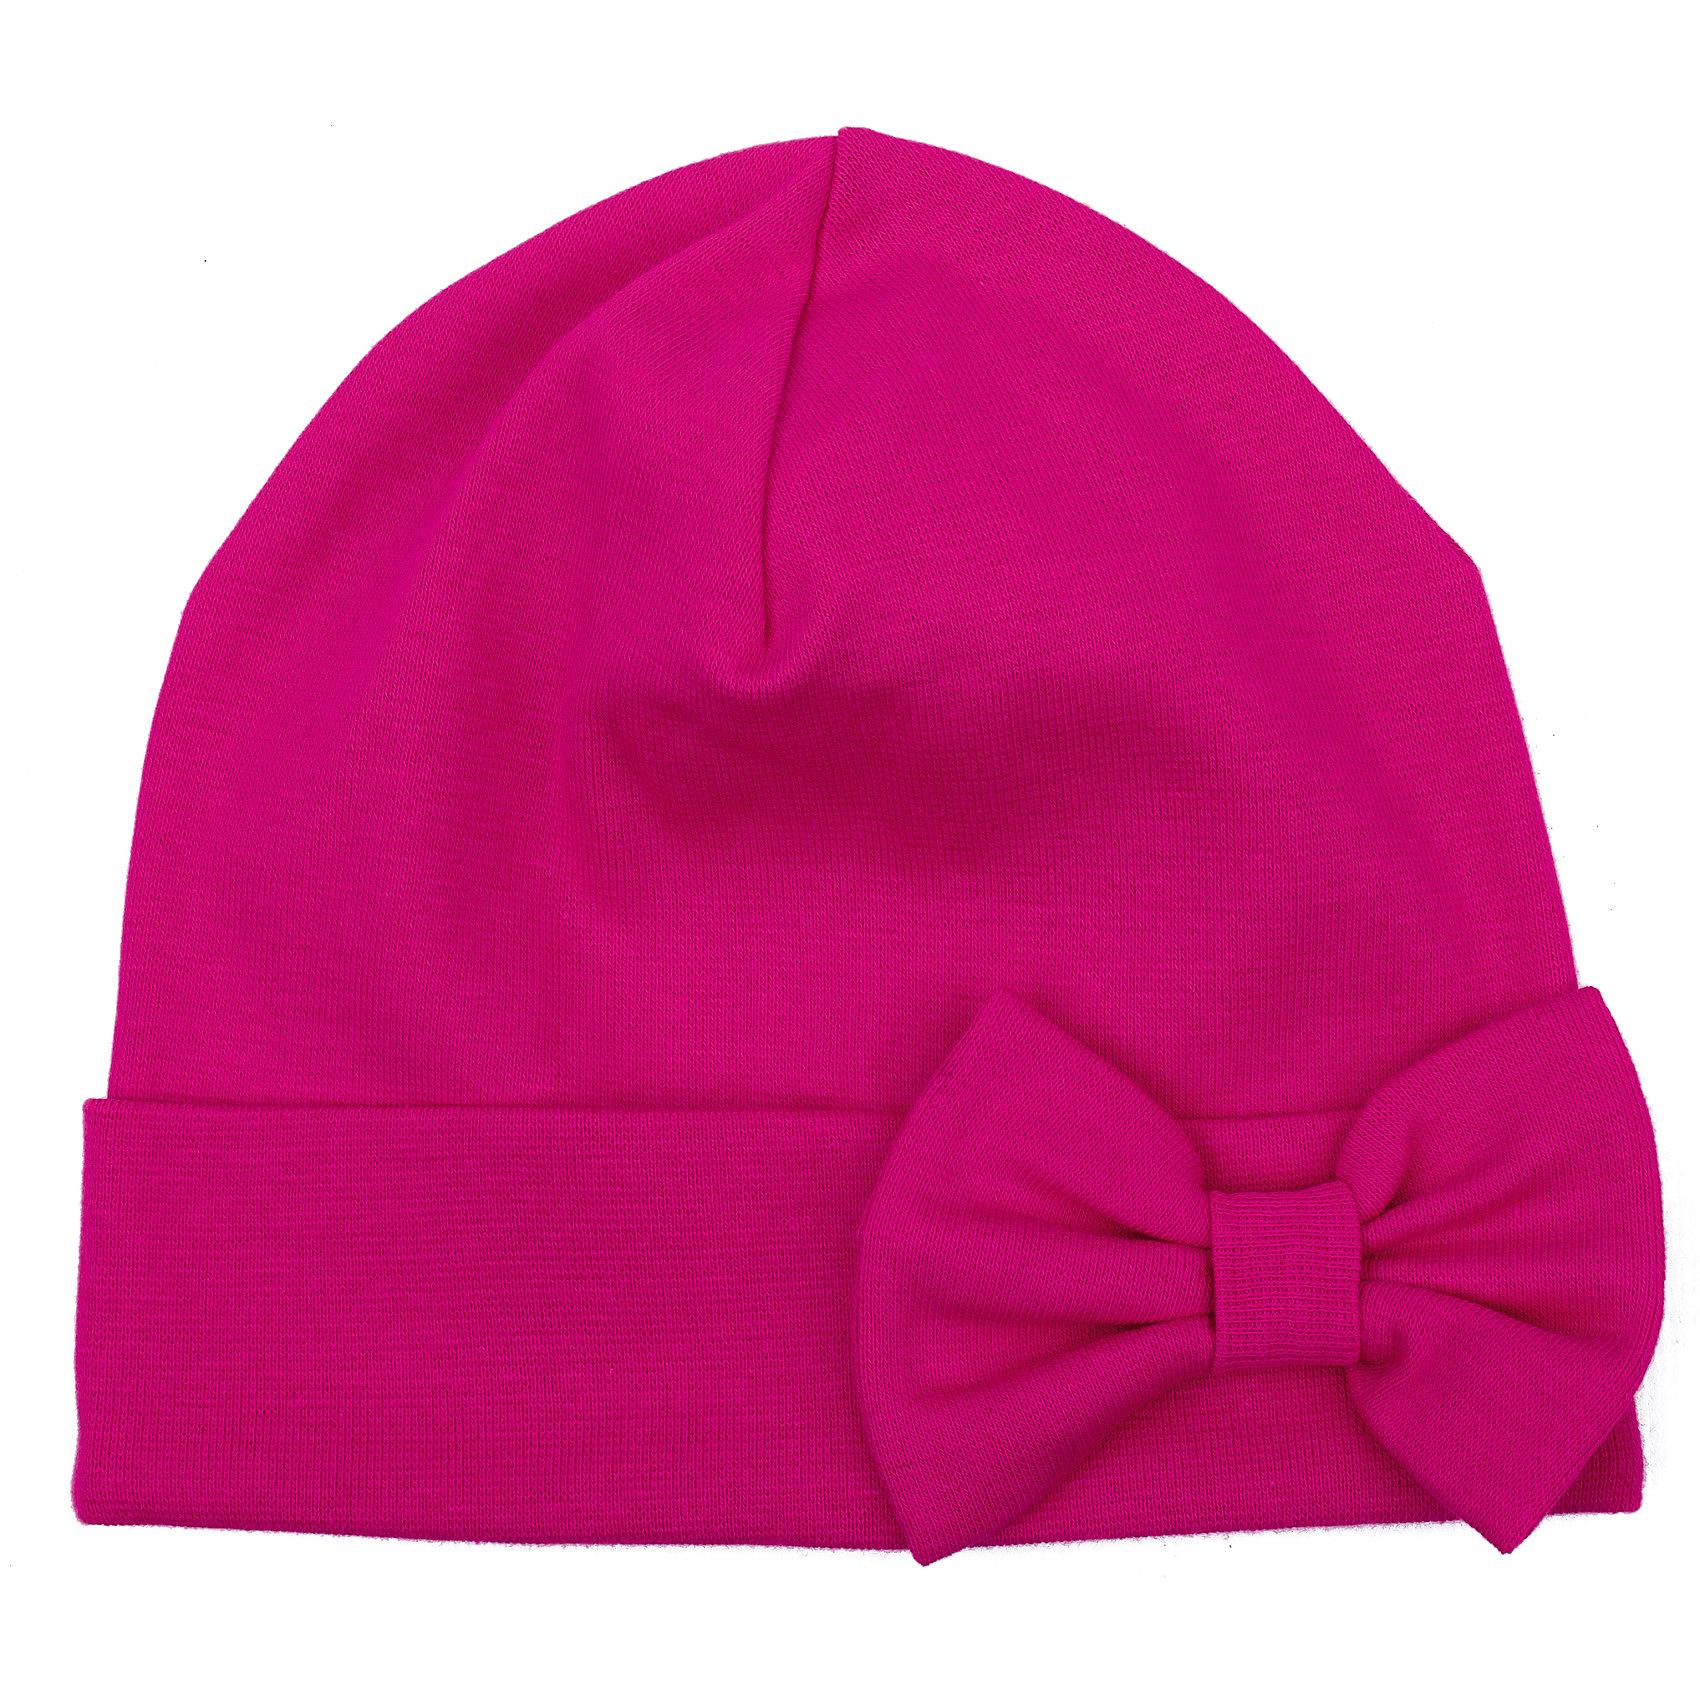 Апрель Шапка для девочки Апрель апрель шапочка для девочки апрель